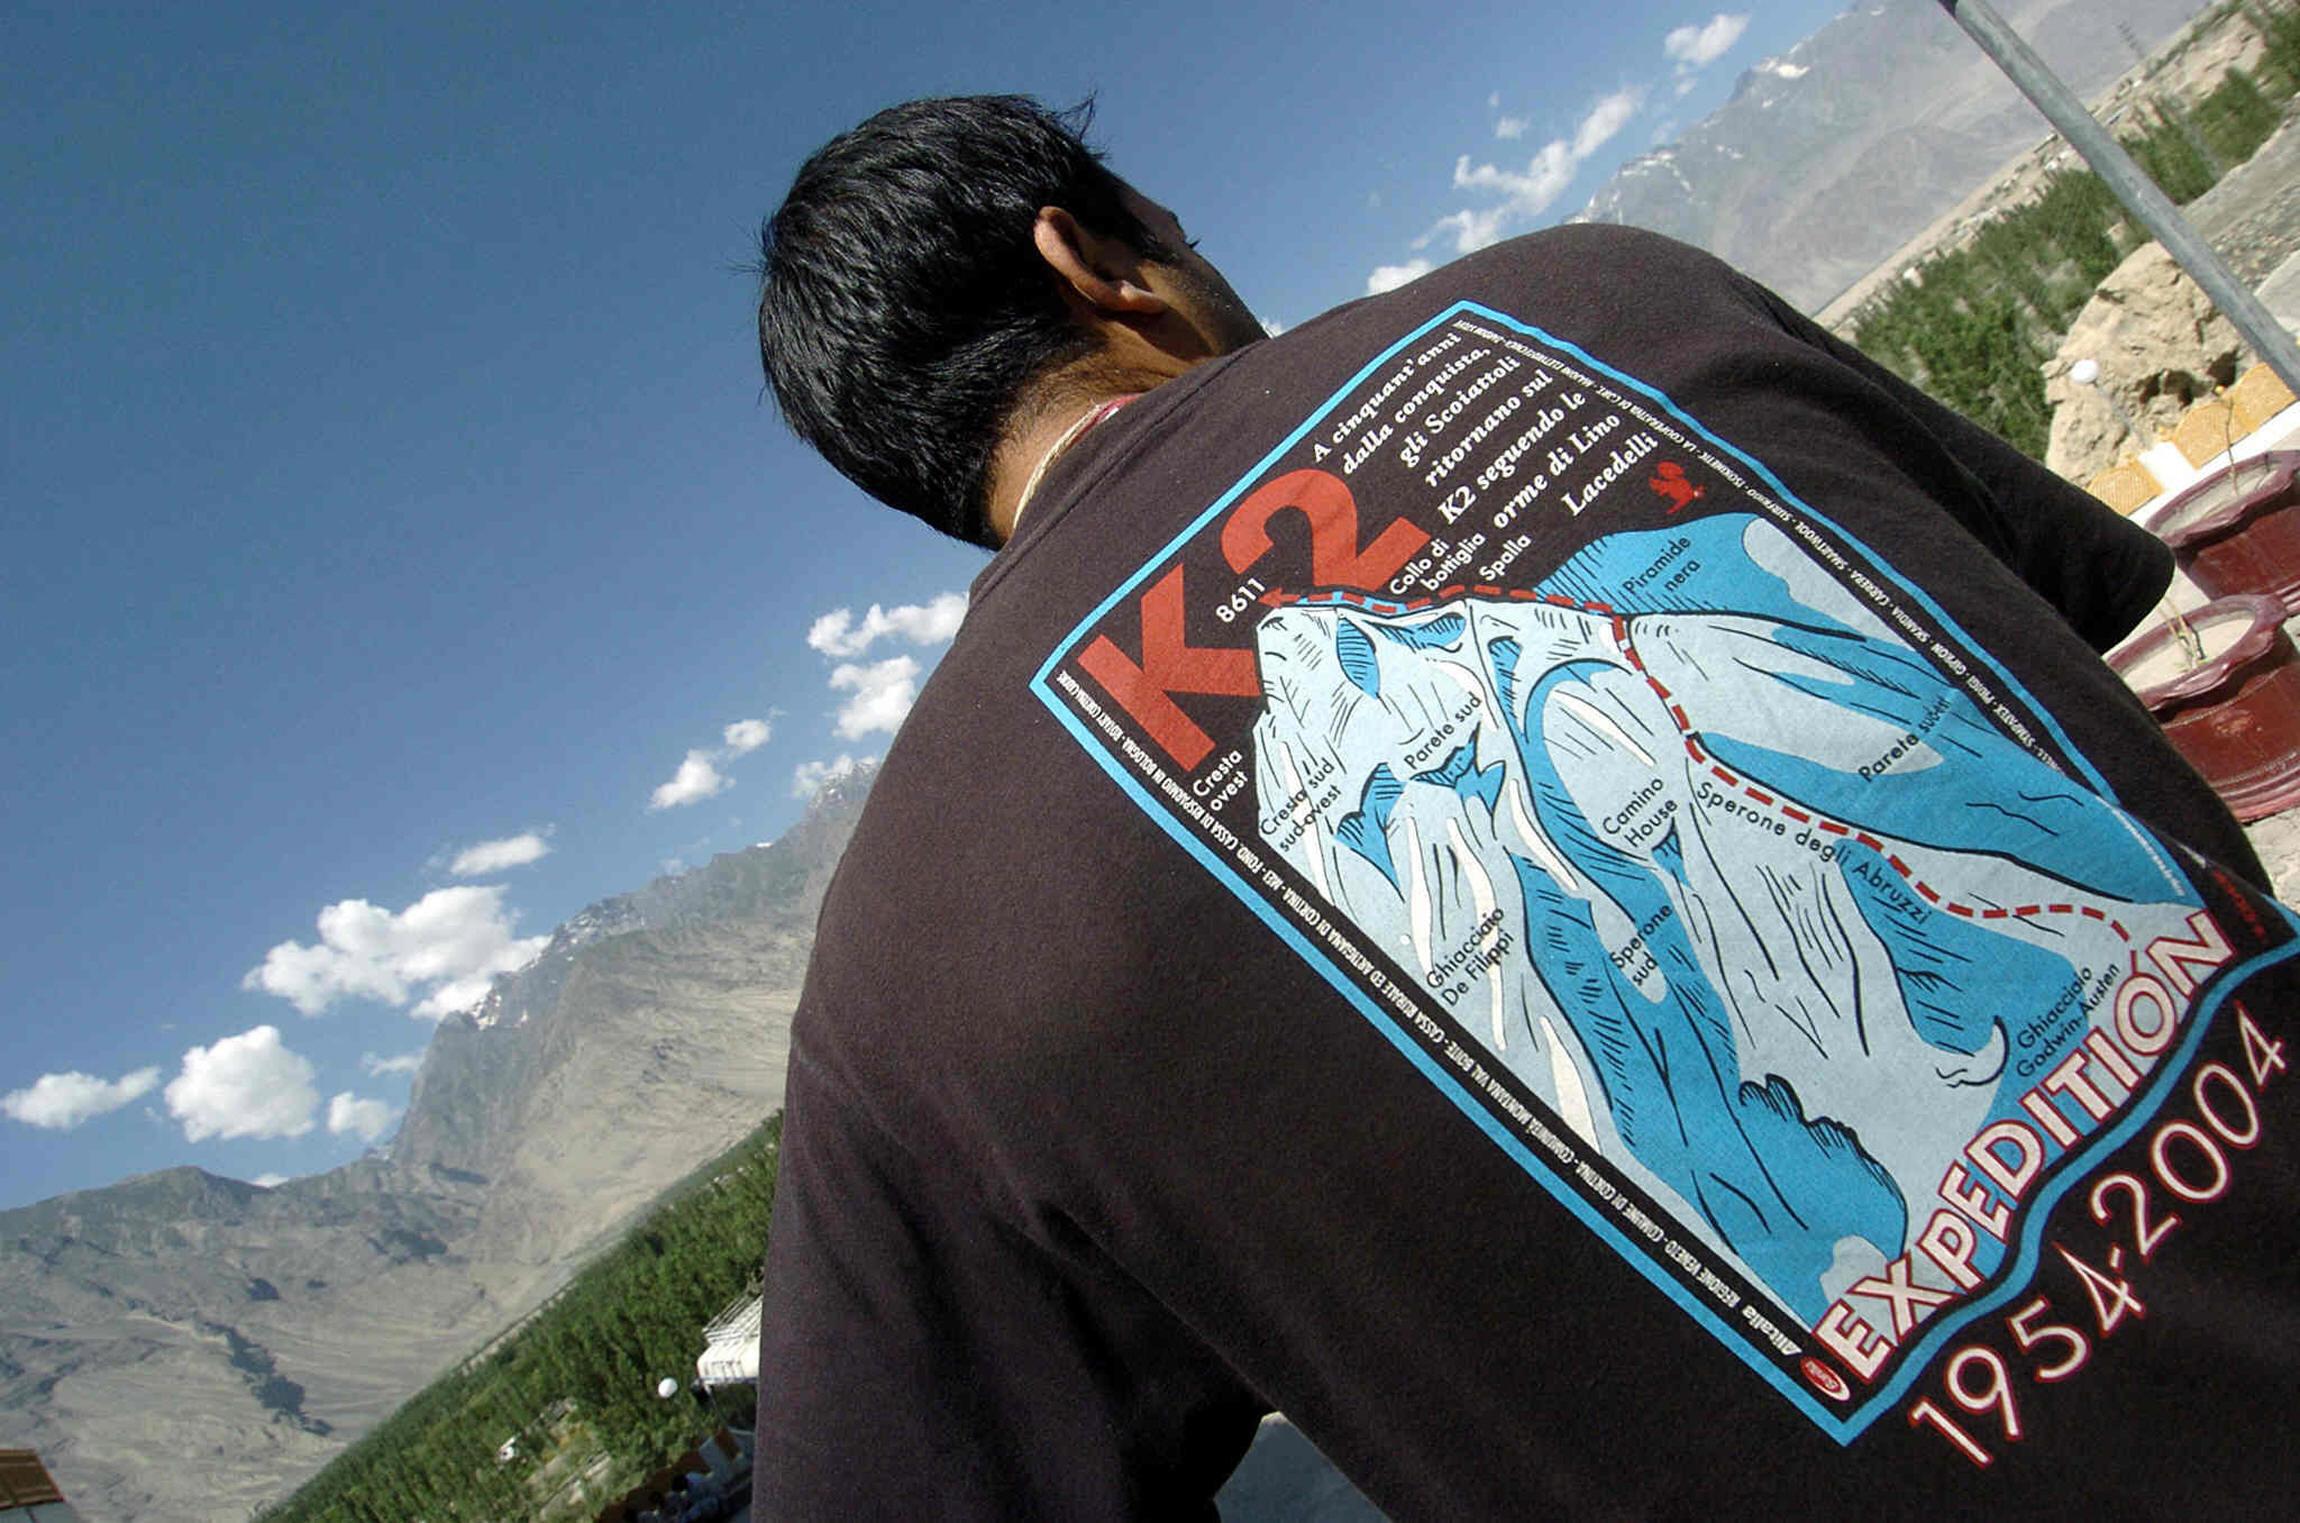 Un touriste au pied du K2, le deuxième sommet le plus haut du monde, après l'Everest.